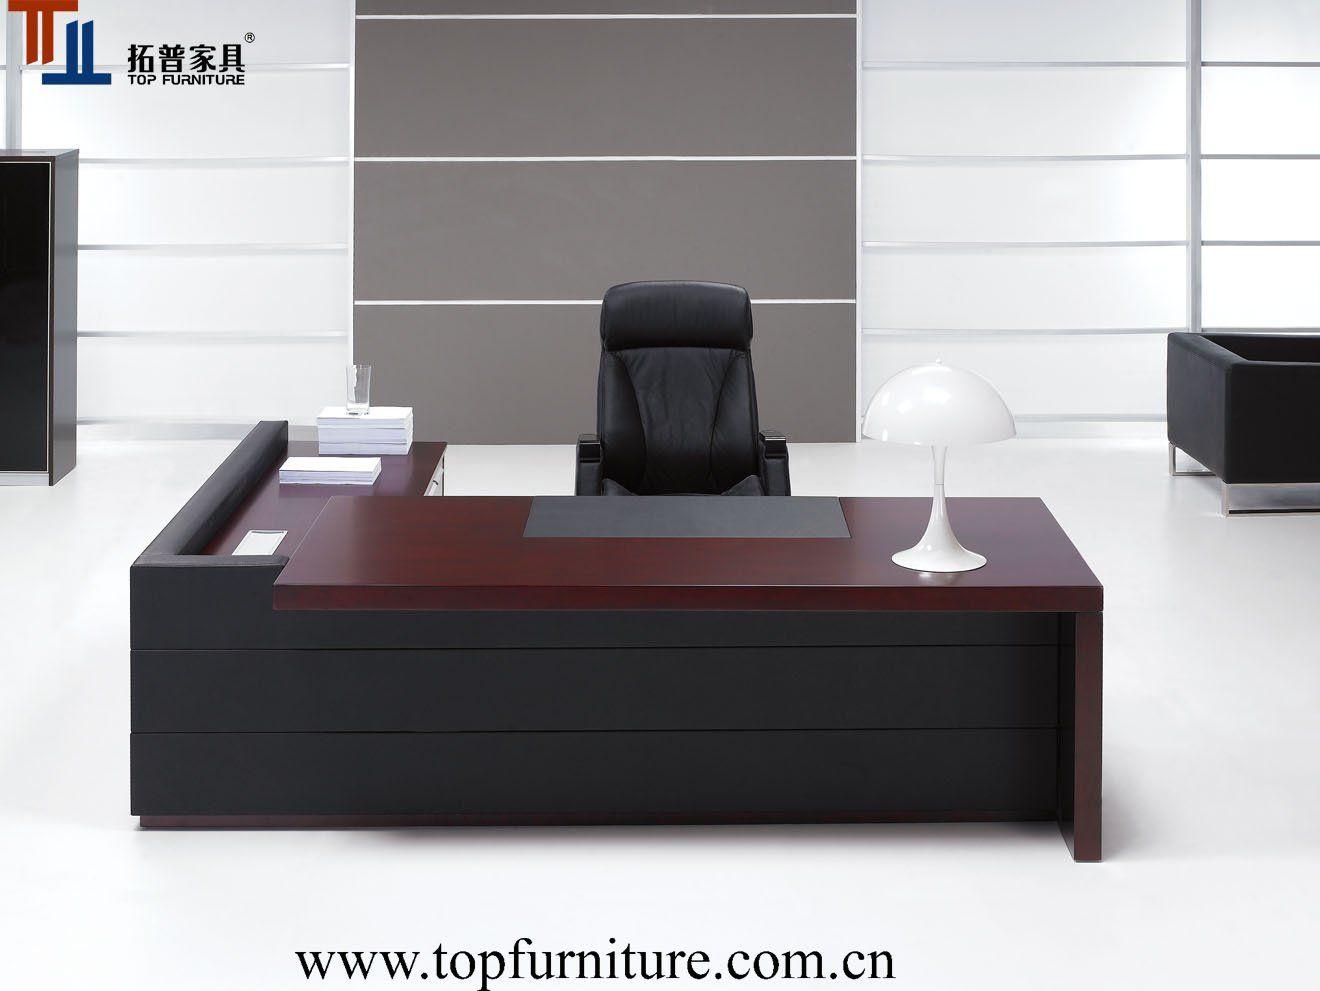 boss tableoffice deskexecutive deskmanager. Image Result For Office Boss Table Design Tableoffice Deskexecutive Deskmanager